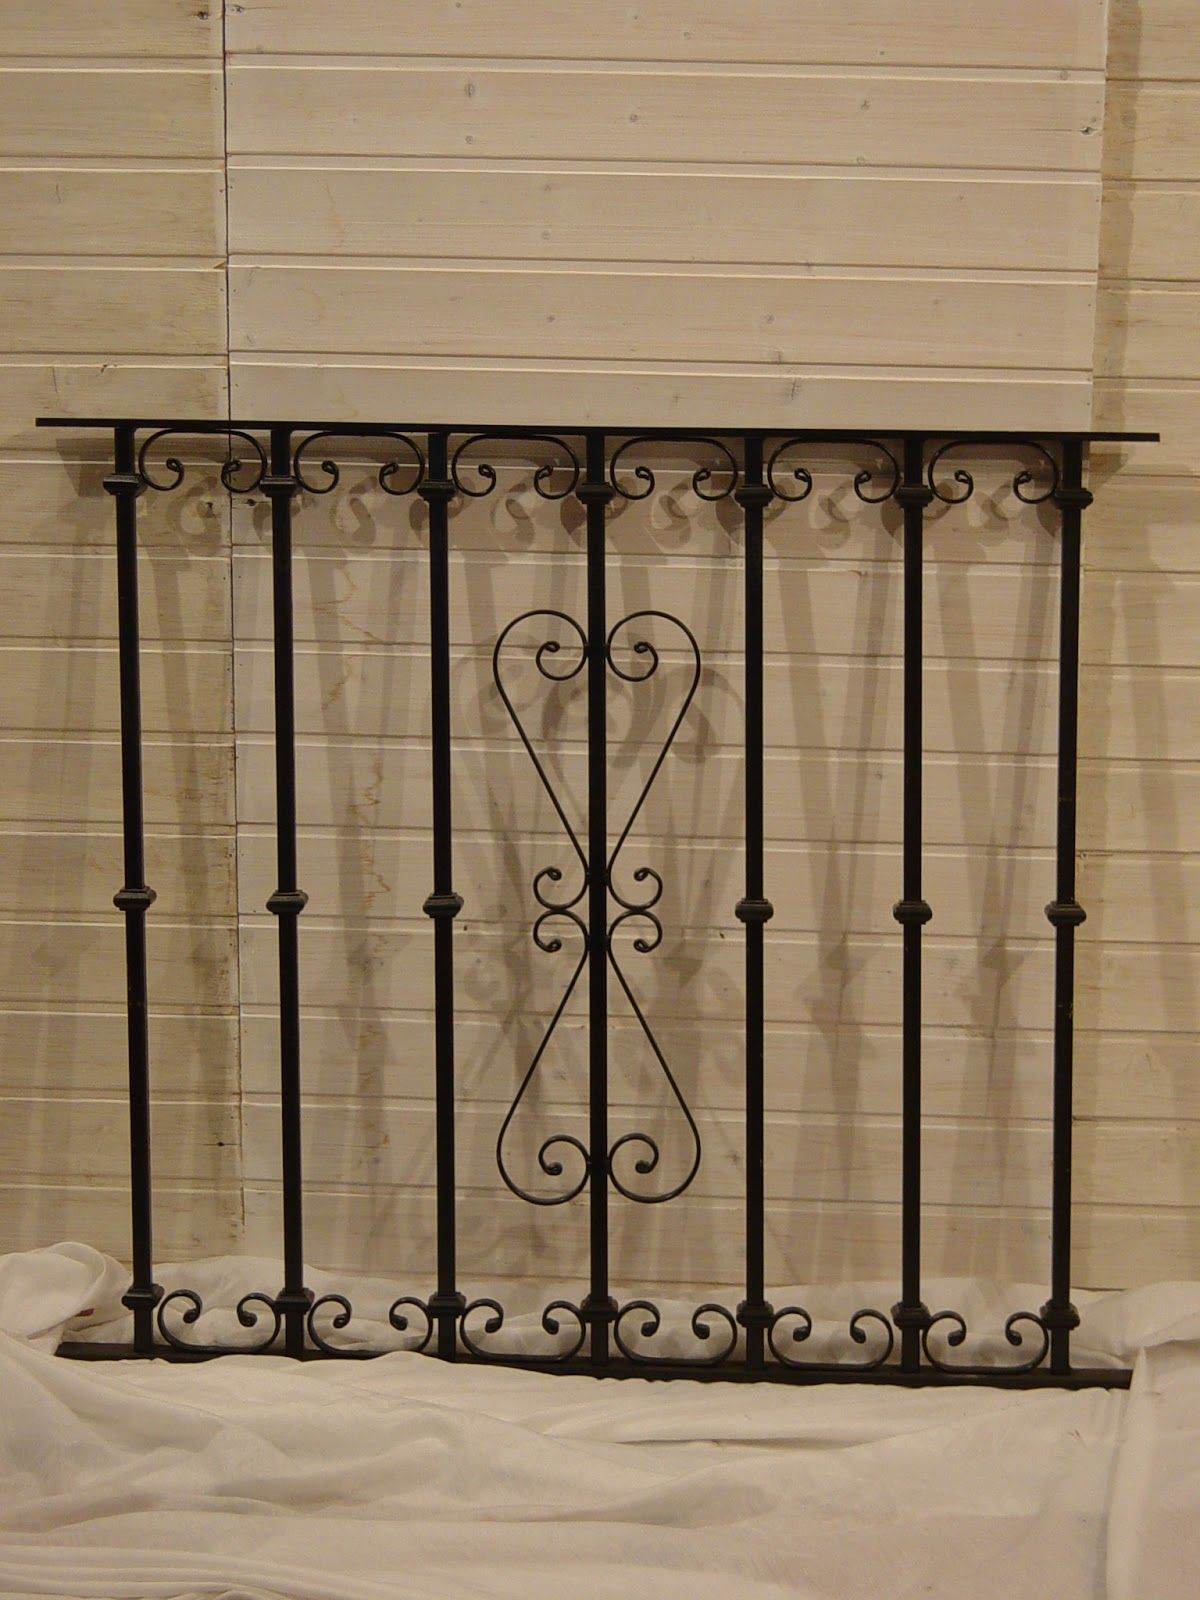 Rejas de forja para ventanas y puertas balcones barandillas de forja ventanas ever - Rejas de forja antiguas ...